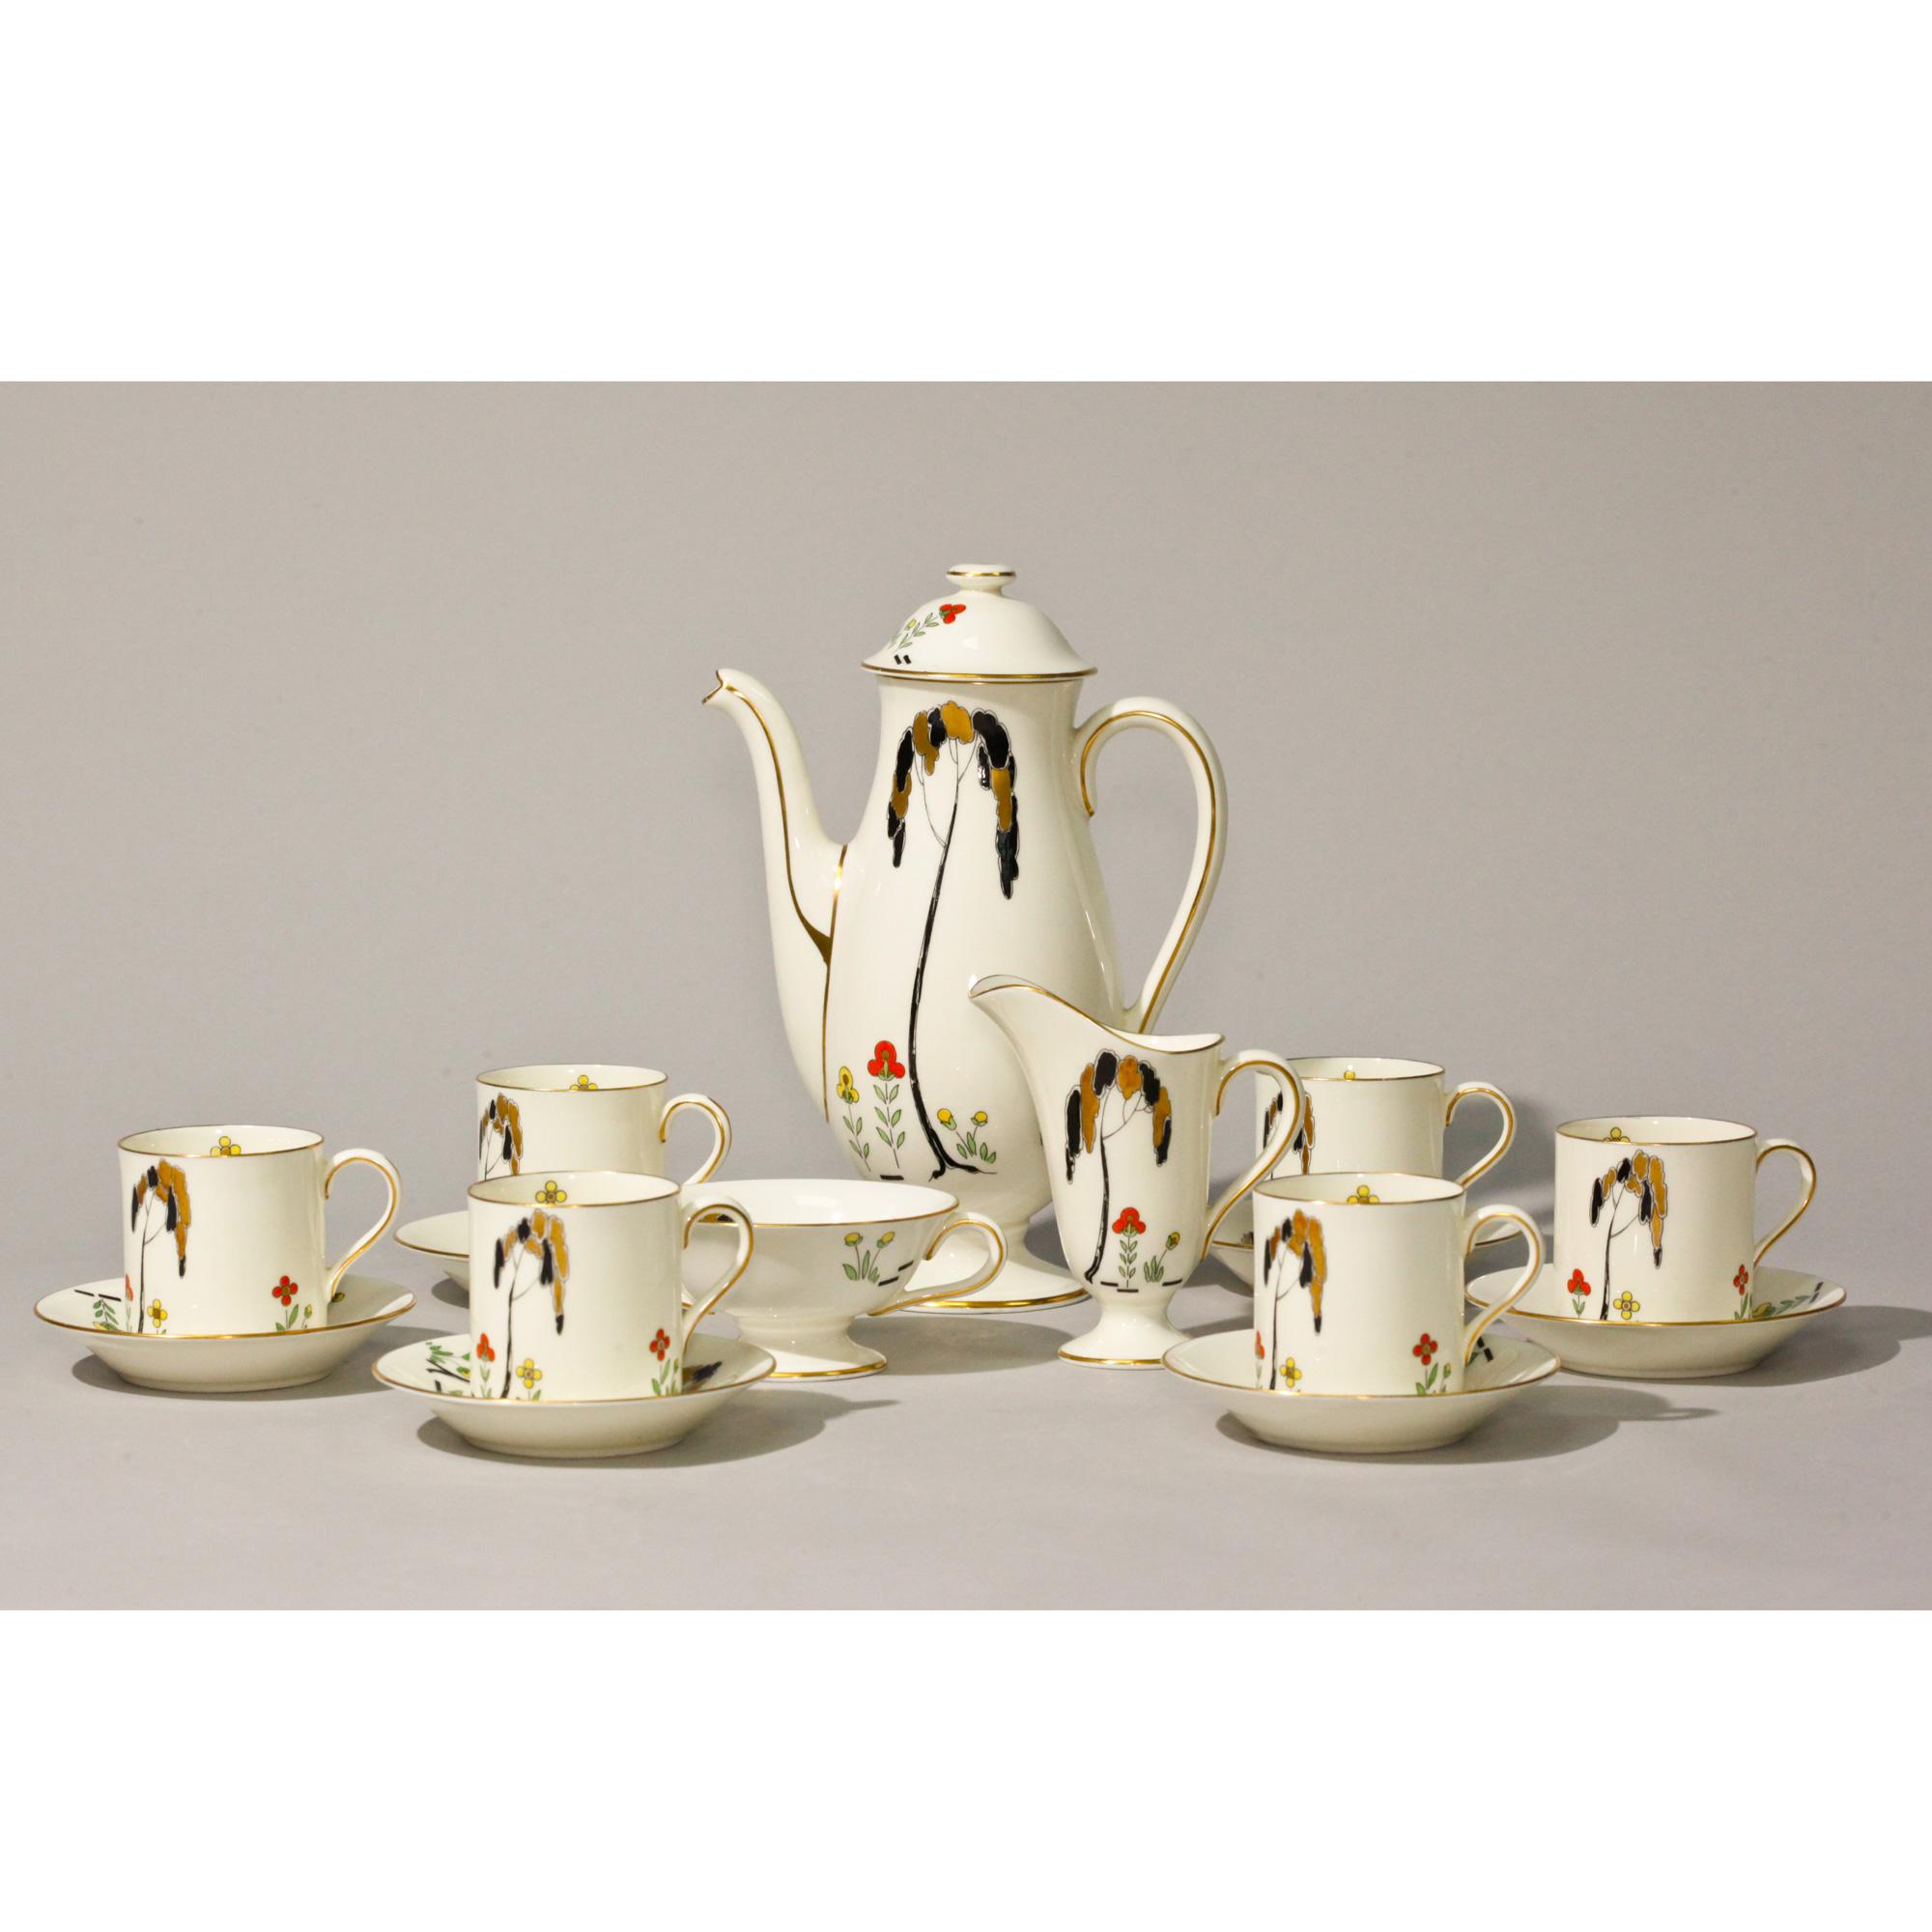 Royal Doulton Art Deco Coffee Set (15 Pc.)